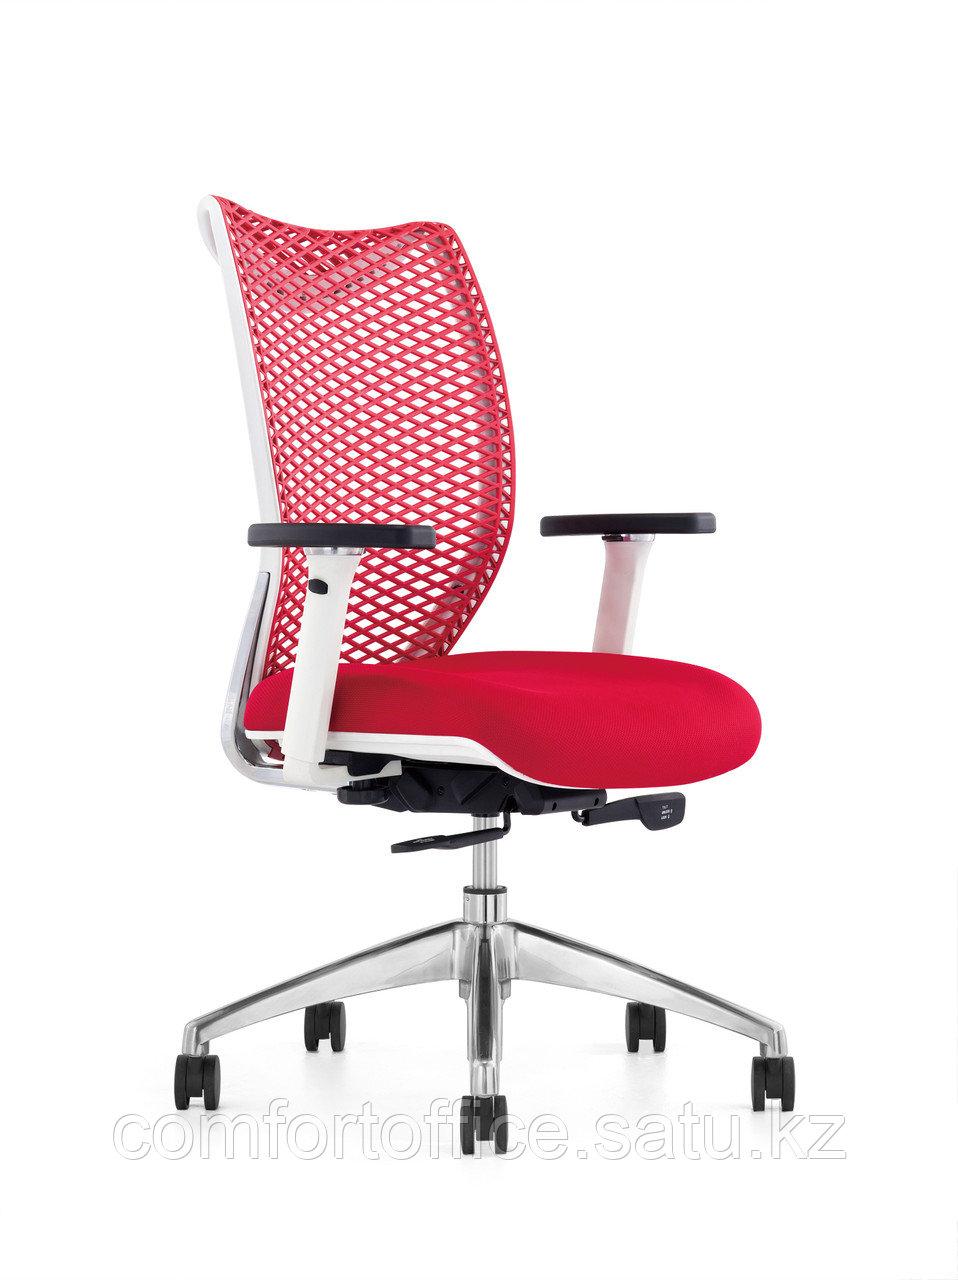 Кресло для персонала серия Sunny